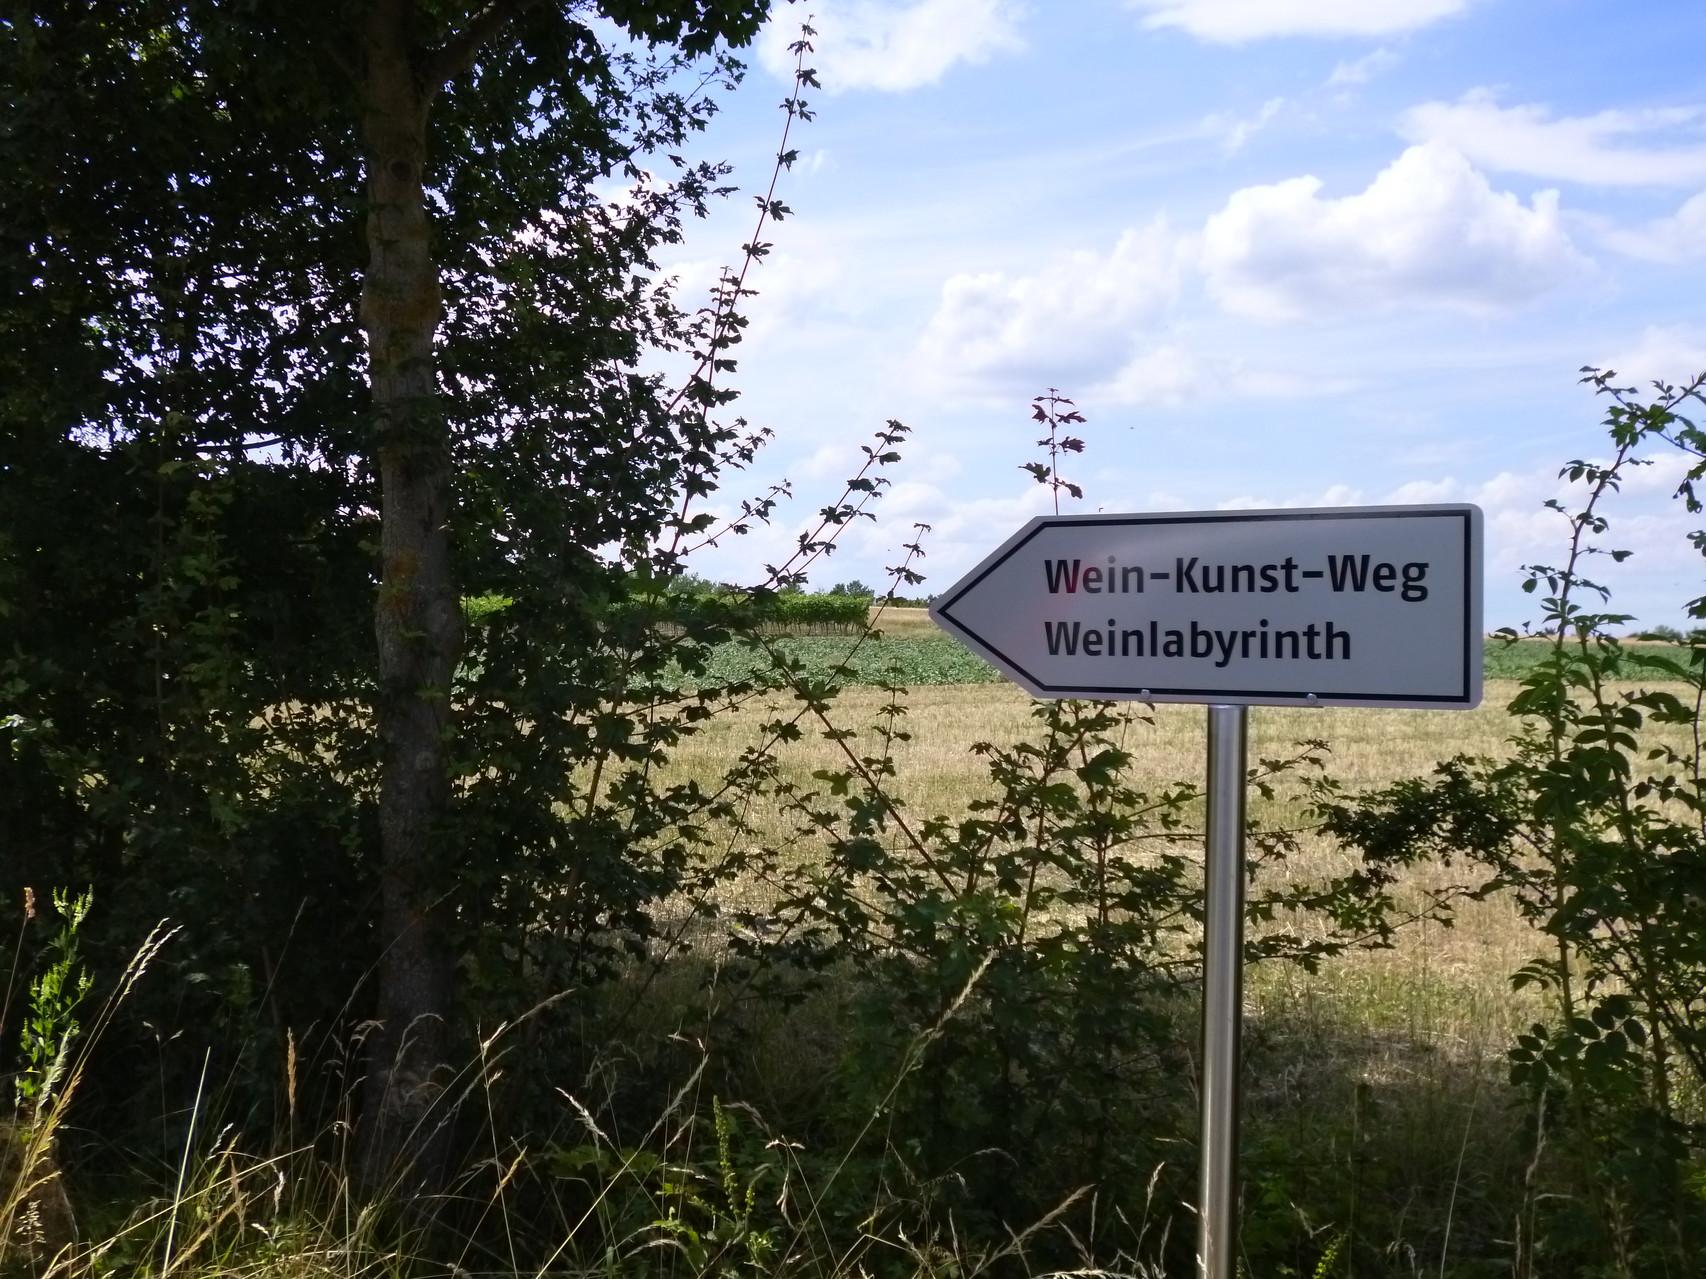 Wein-Kunst-Weg